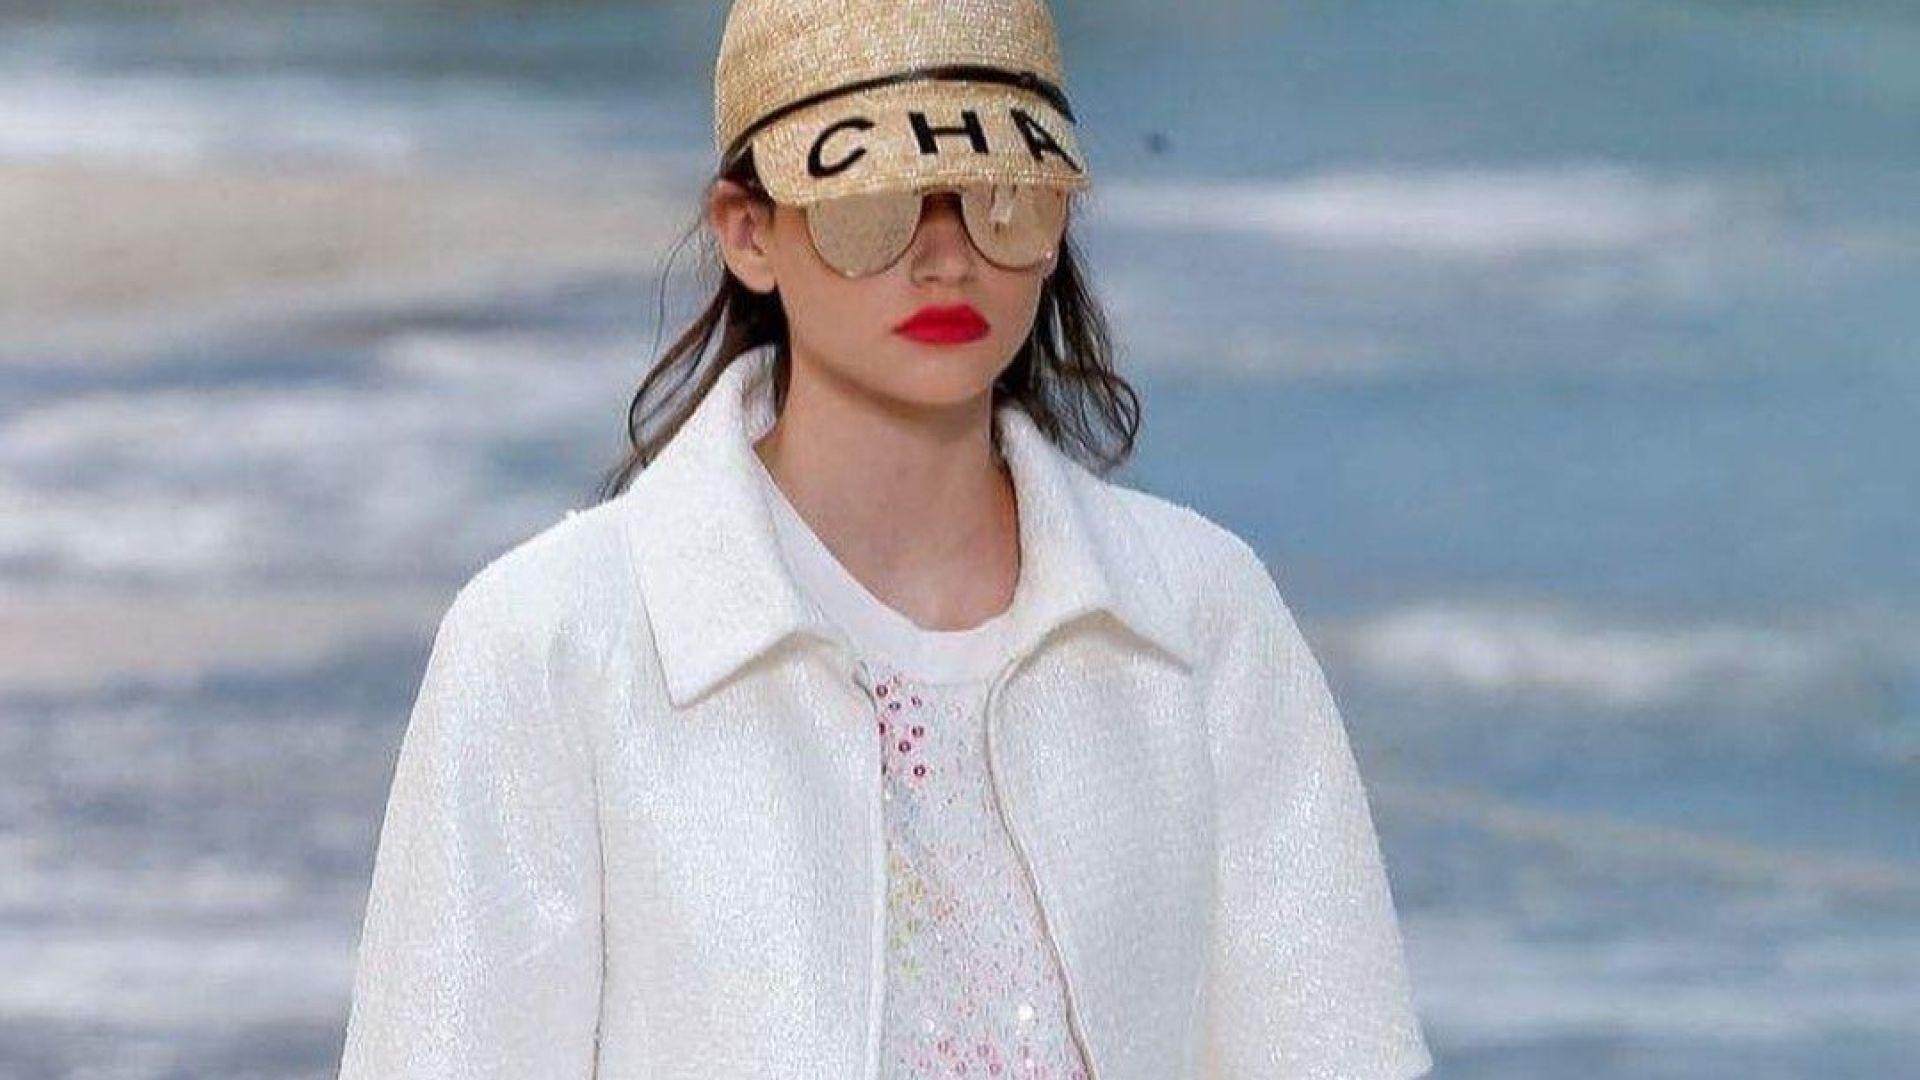 16-годишна българка дефилира за Chanel в Париж